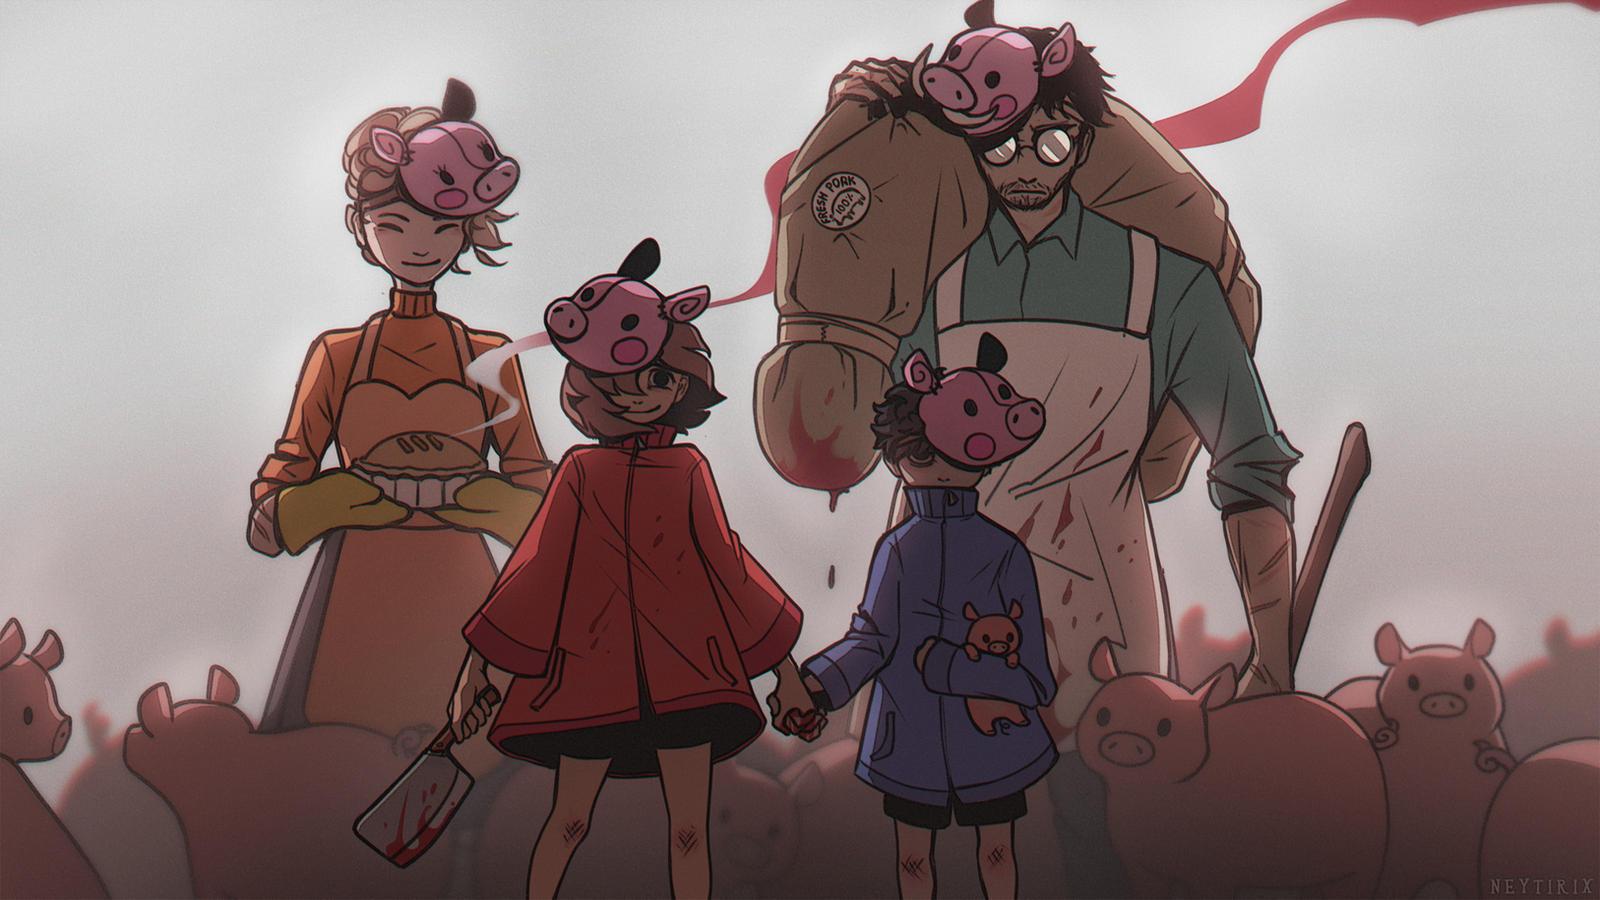 Peppa Pig S Family By Neytirix On Deviantart